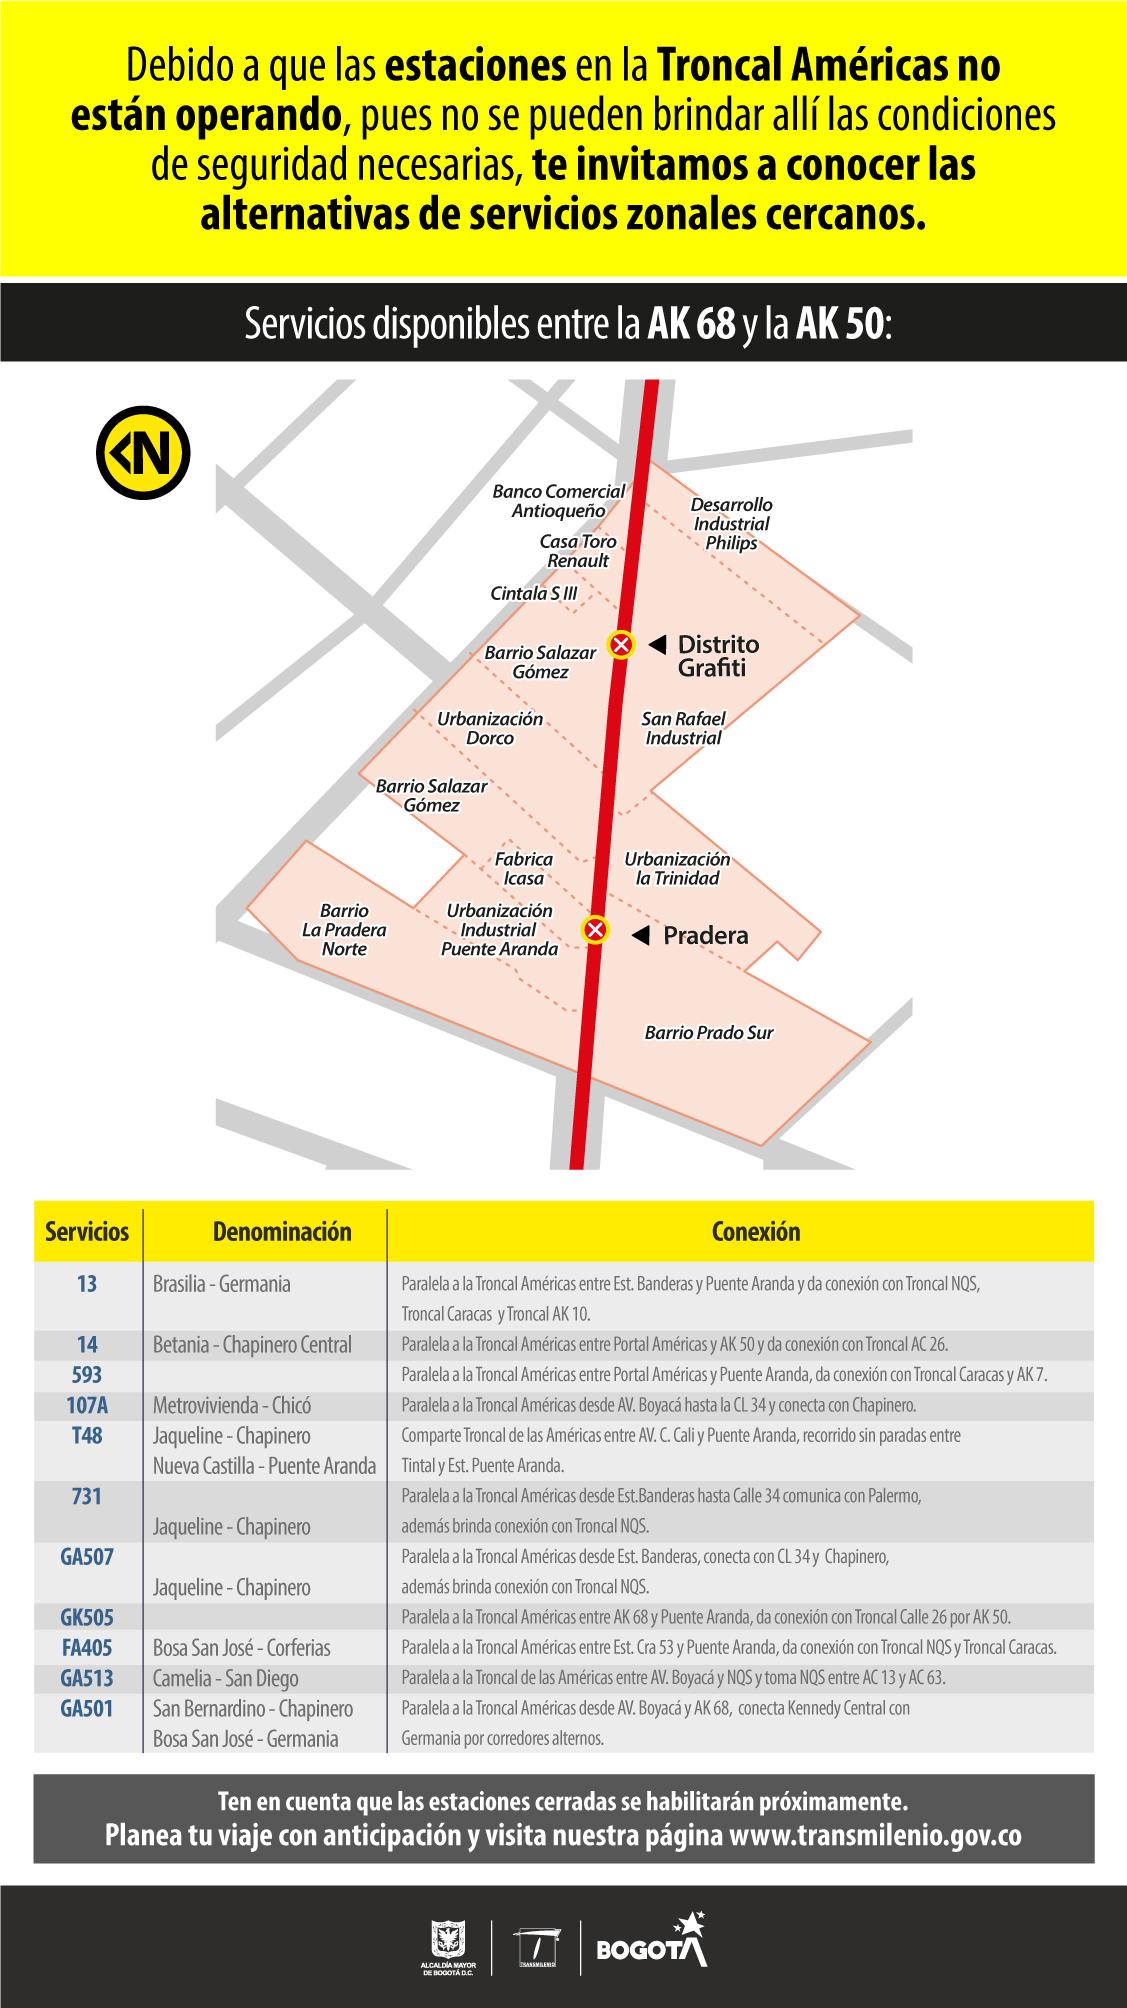 Alternativas de buses zonales entre la Avenida 68 y la Avenida Carrera 50